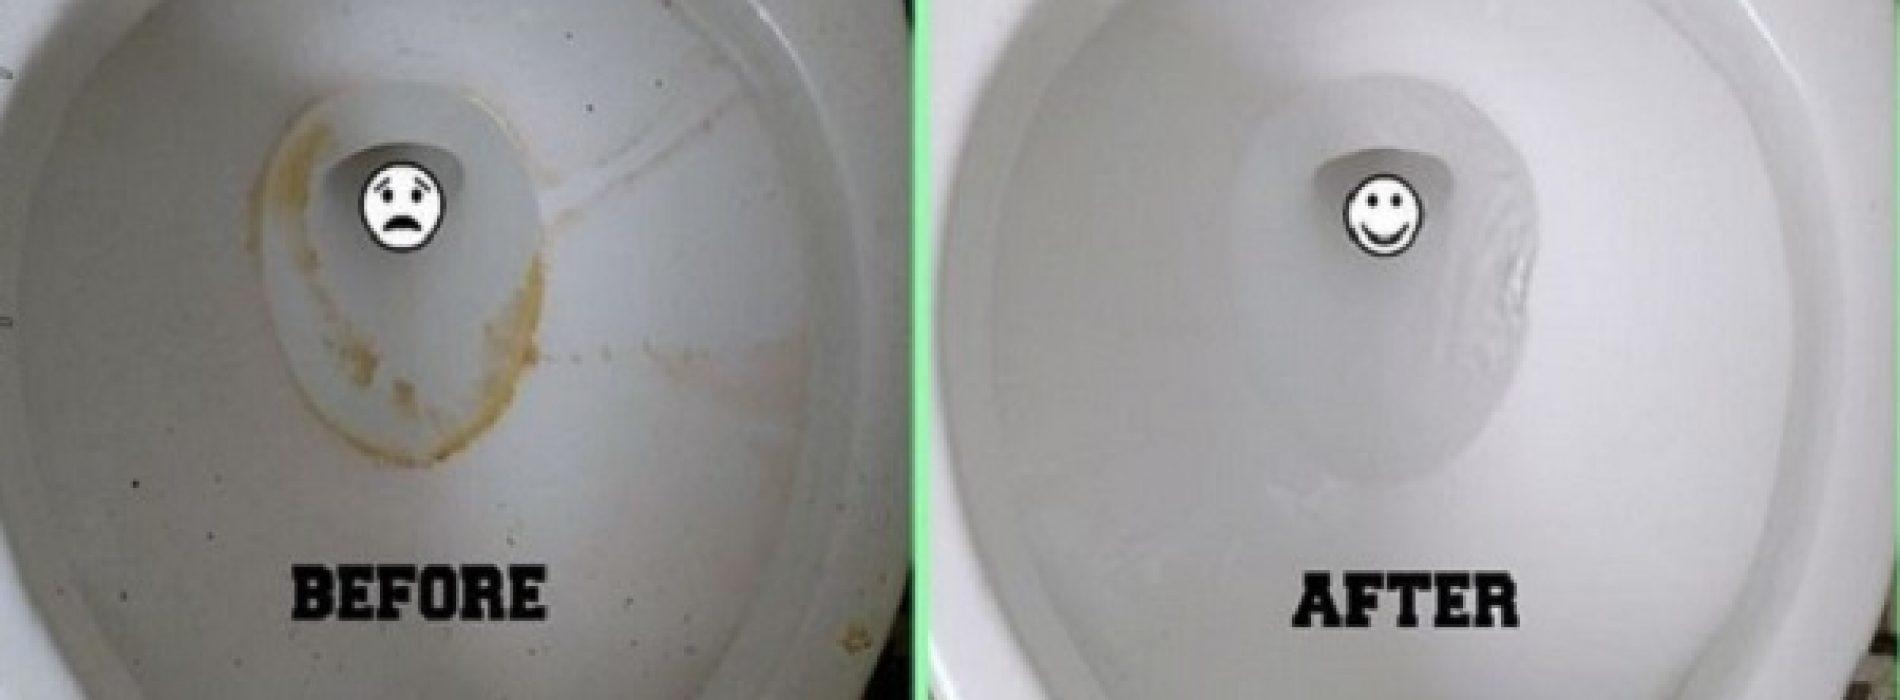 2-Ingrediënten Natuurlijk recept voor een glanzend toilet – Schrobben niet nodig!